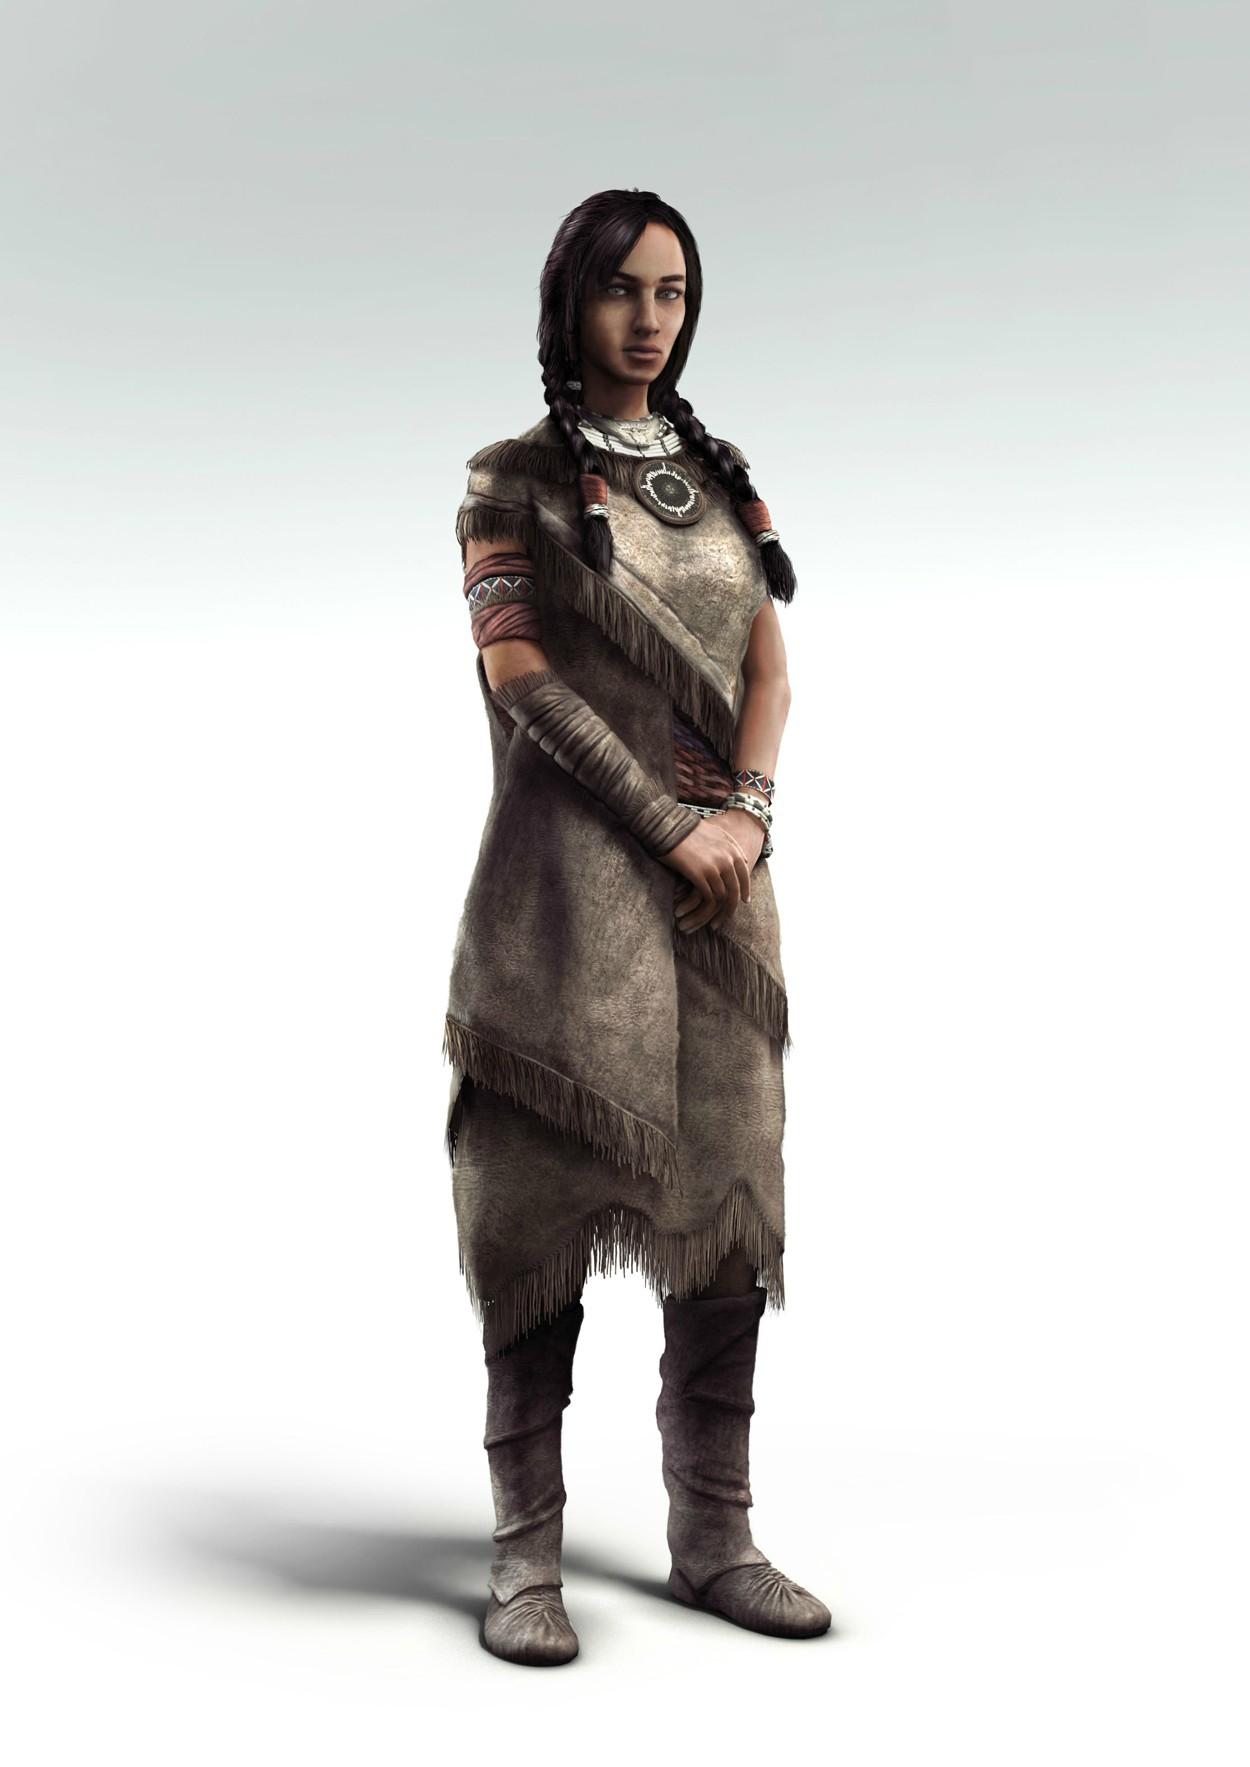 Nové obrázky a artworky z Assassin's Creed 3 71188